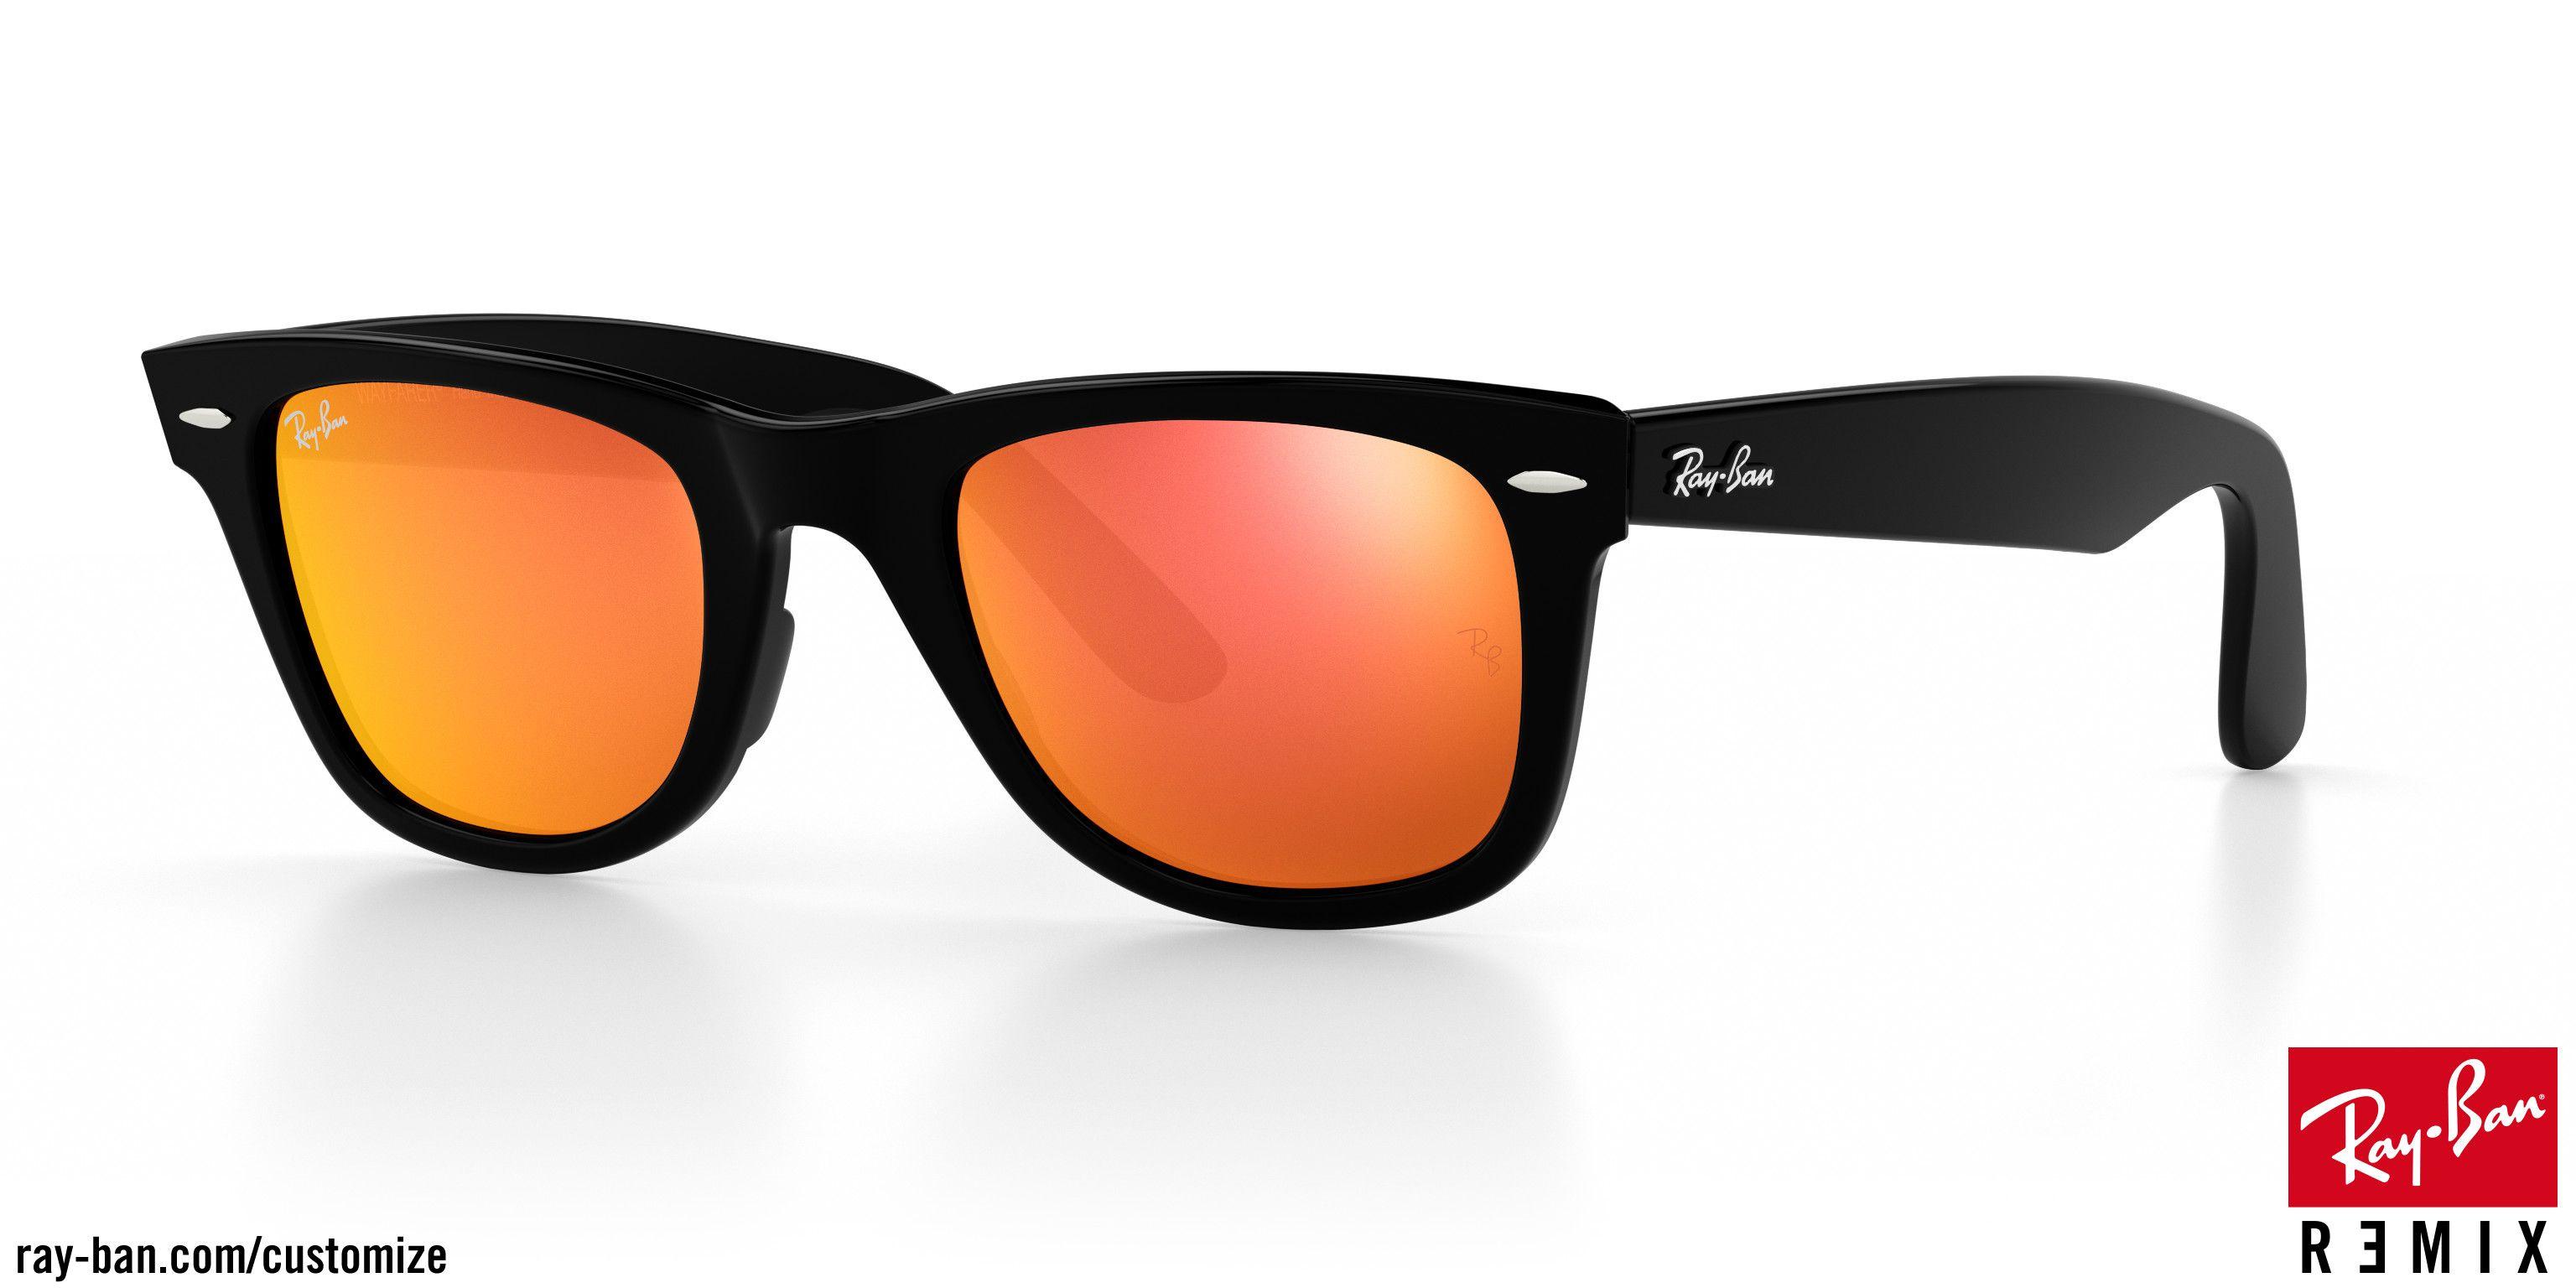 22d09dee0015d7 Personnalisez et achetez vos lunettes de soleil Ray-Ban Original Wayfarer  sur Ray-Ban® France. Livraison gratuite pour toutes les commandes.